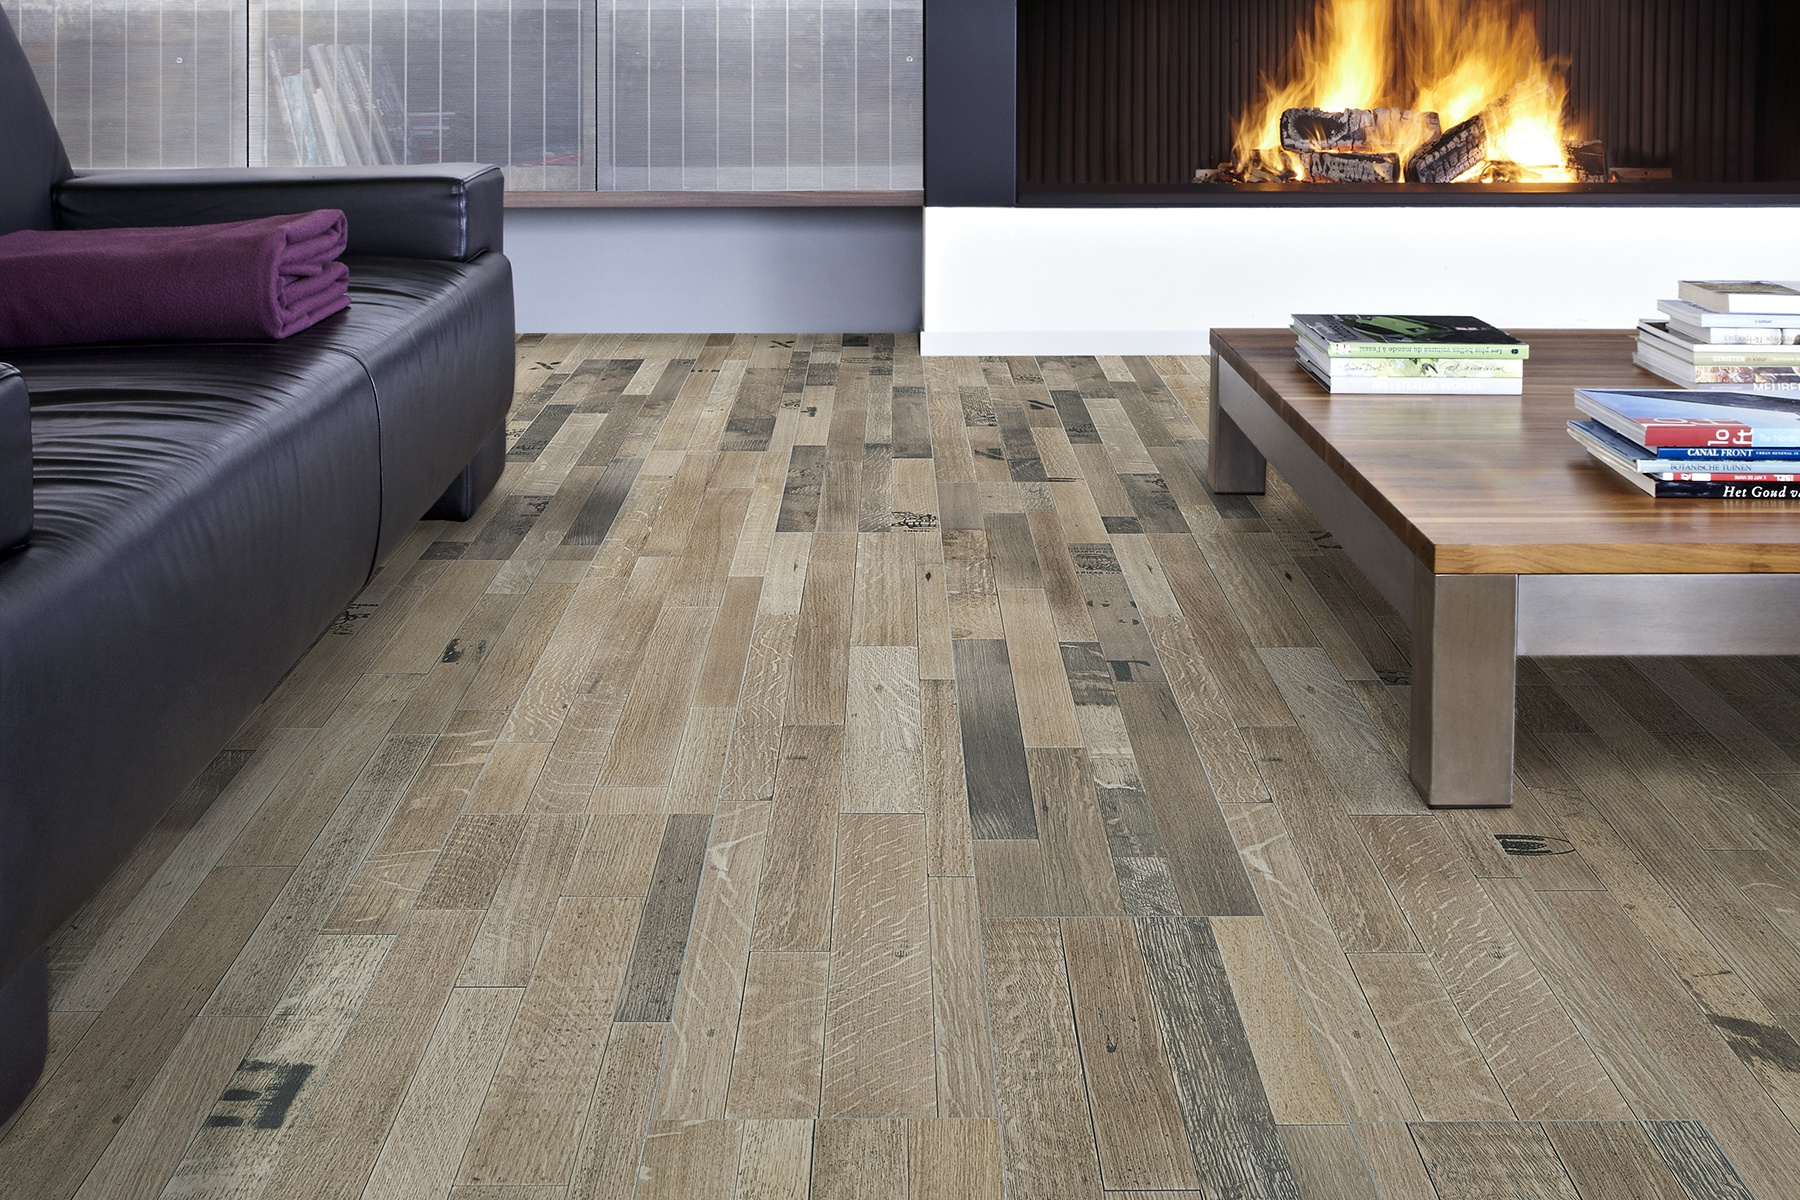 Underlayment In Badkamer : Waterproof pvc laminate flooring water resistant flooring lvt